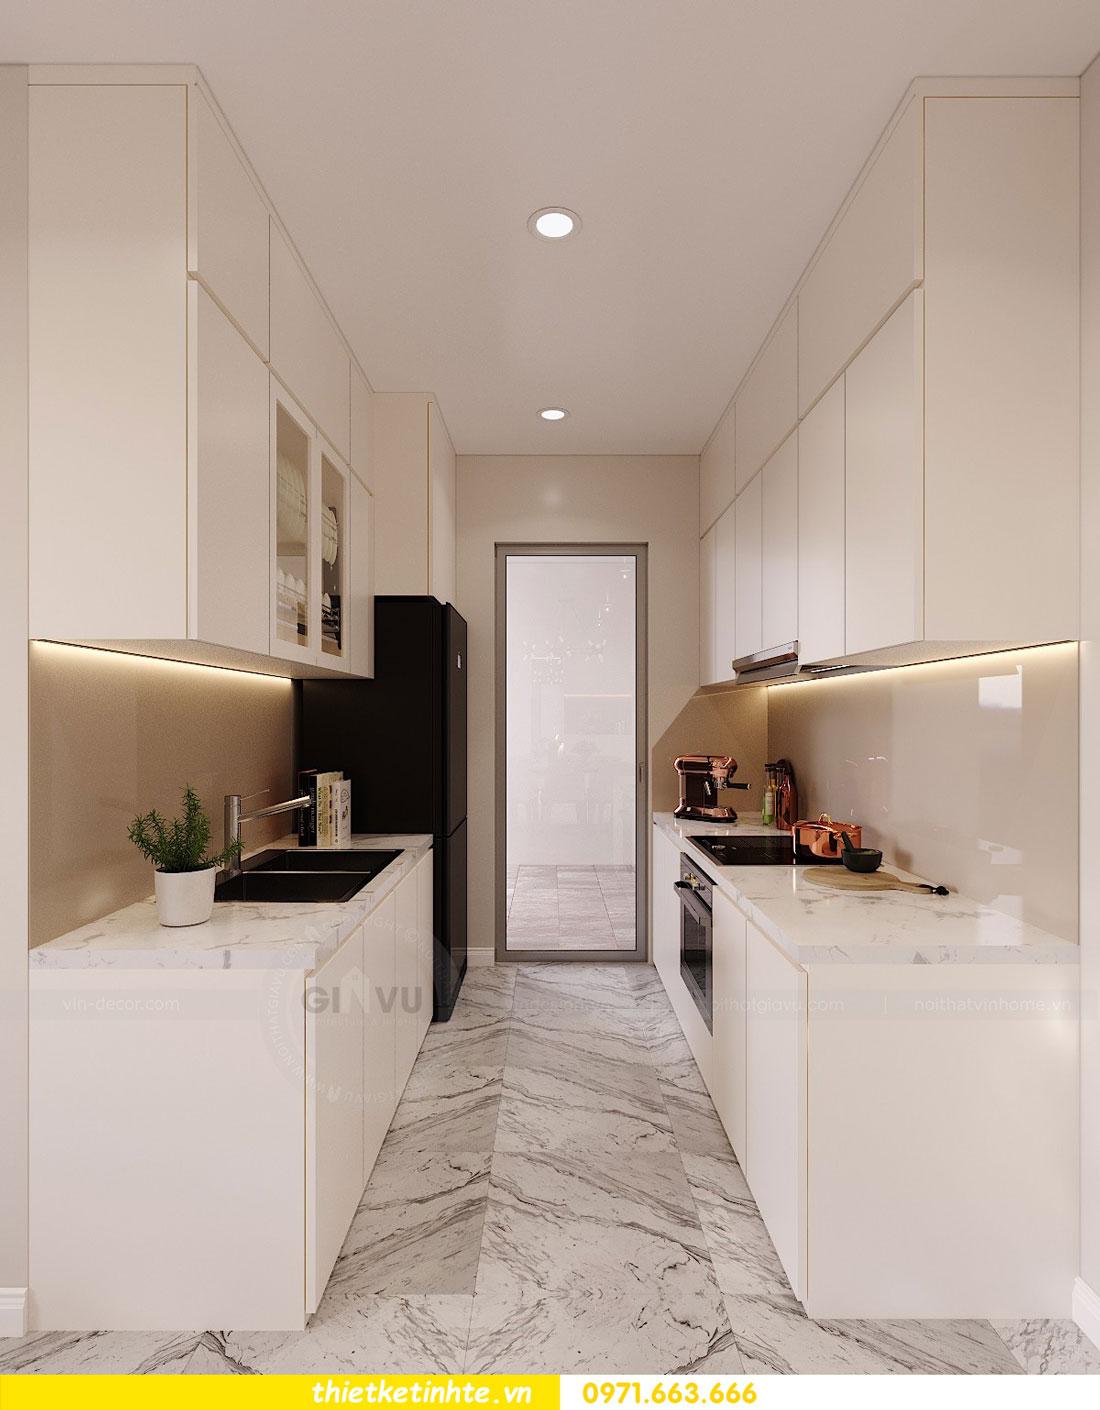 mẫu thiết kế nhà bếp chung cư đẹp, sang trọng, tiện nghi 20